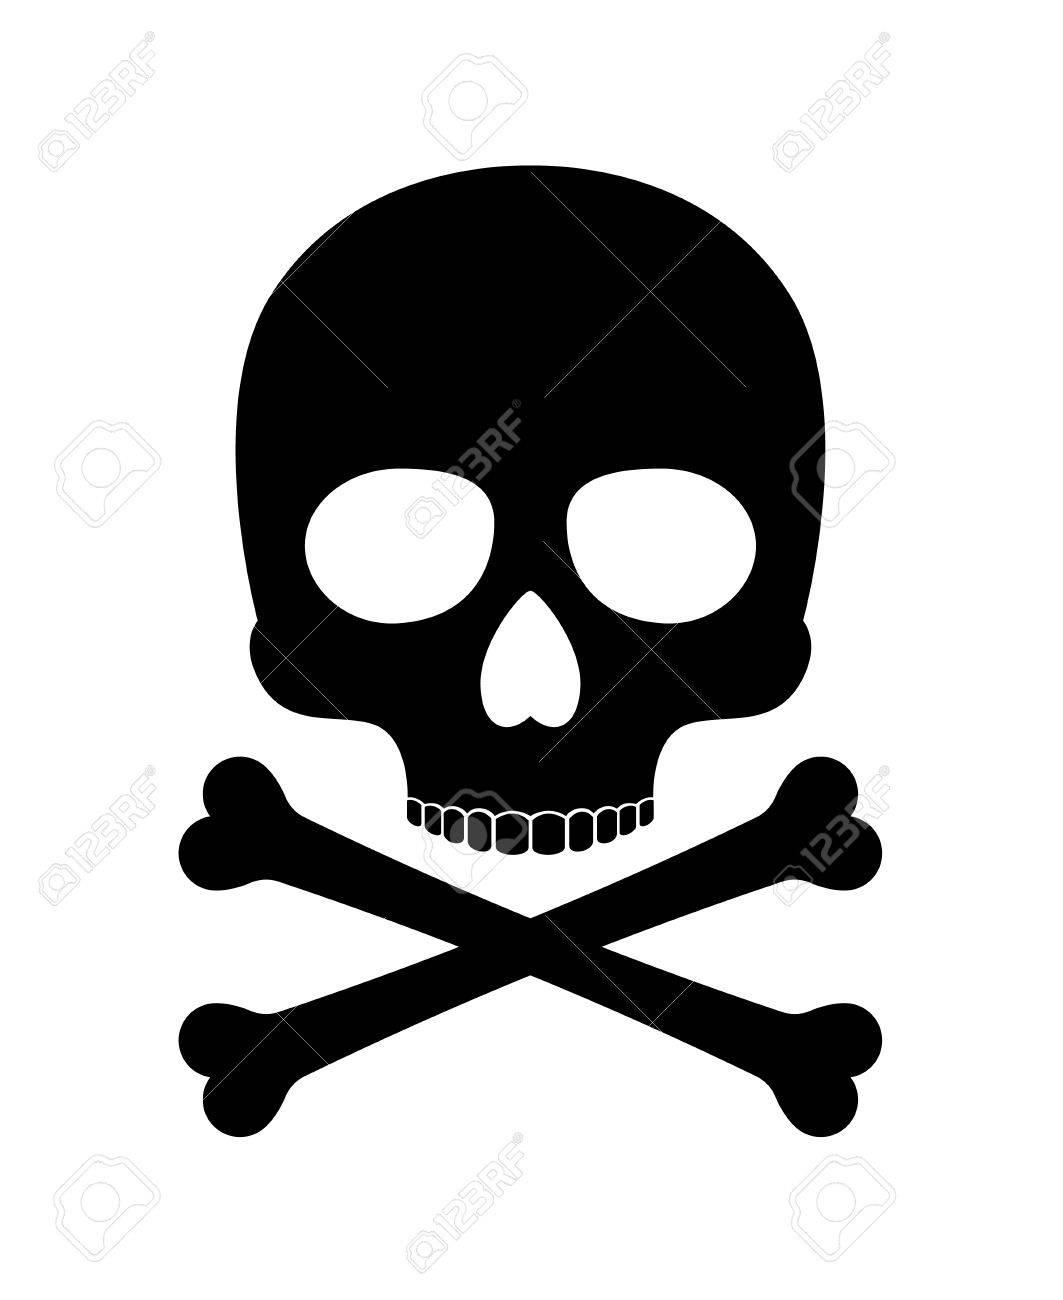 skull vector silhouette crossbones skull death icon isolated rh 123rf com vector skull 1080 by 1080 vector skull images